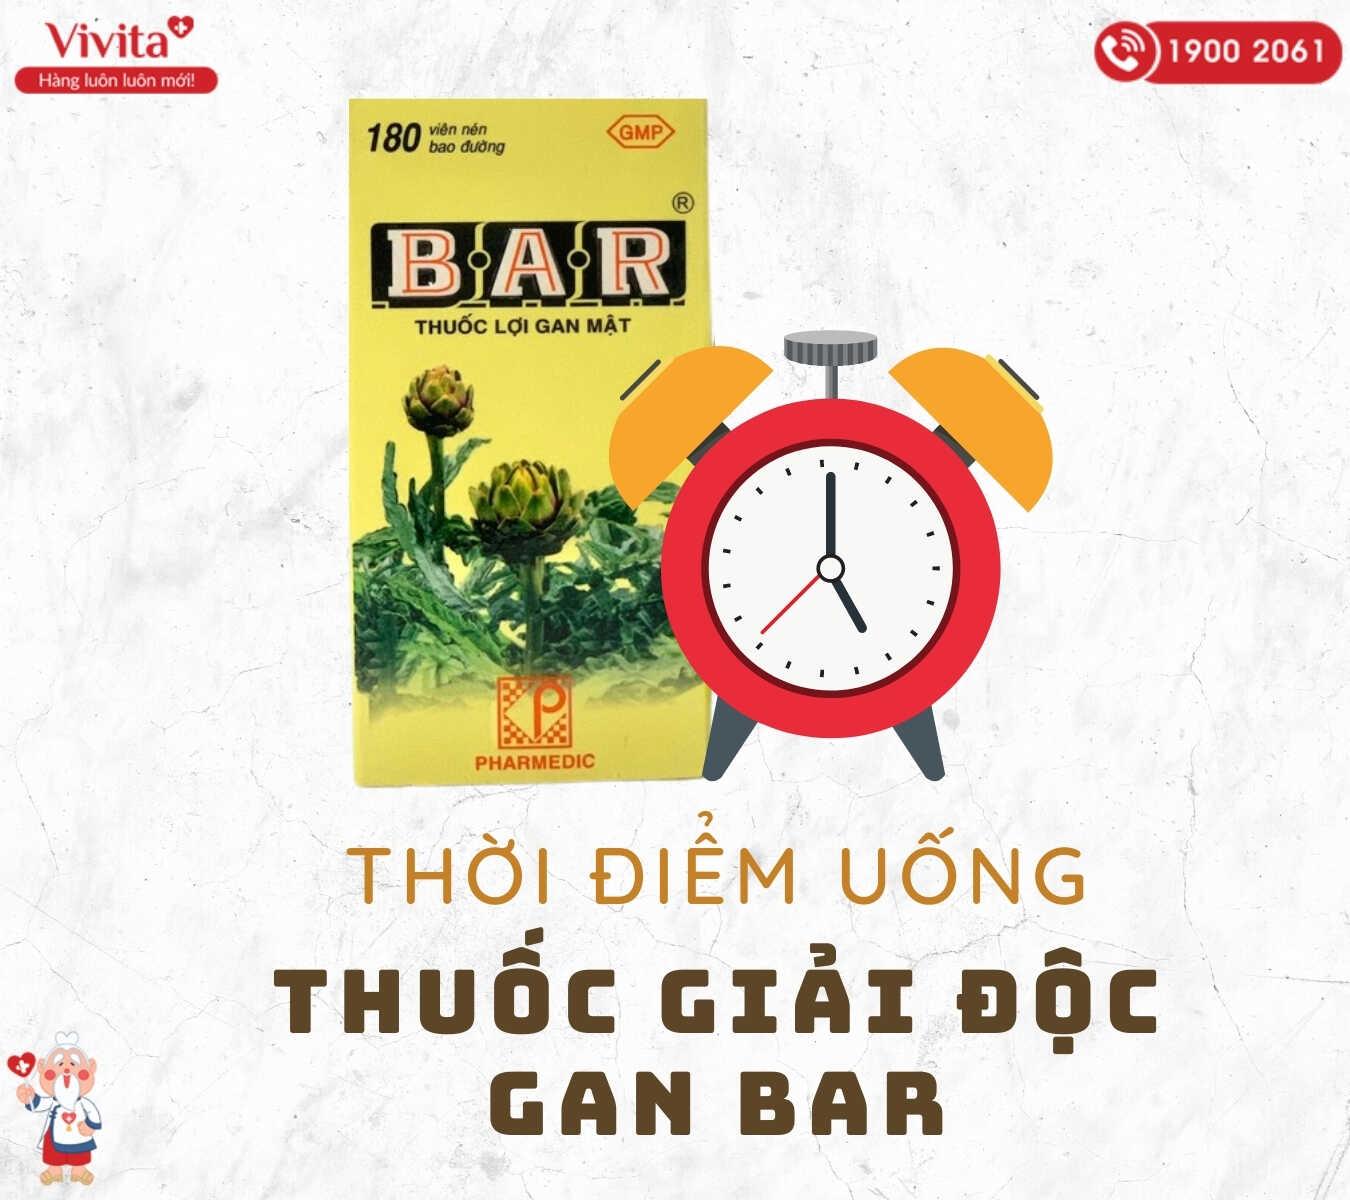 Thời gian thích hợp để dùng thảo dược mát gan Bar là trước bữa ăn.